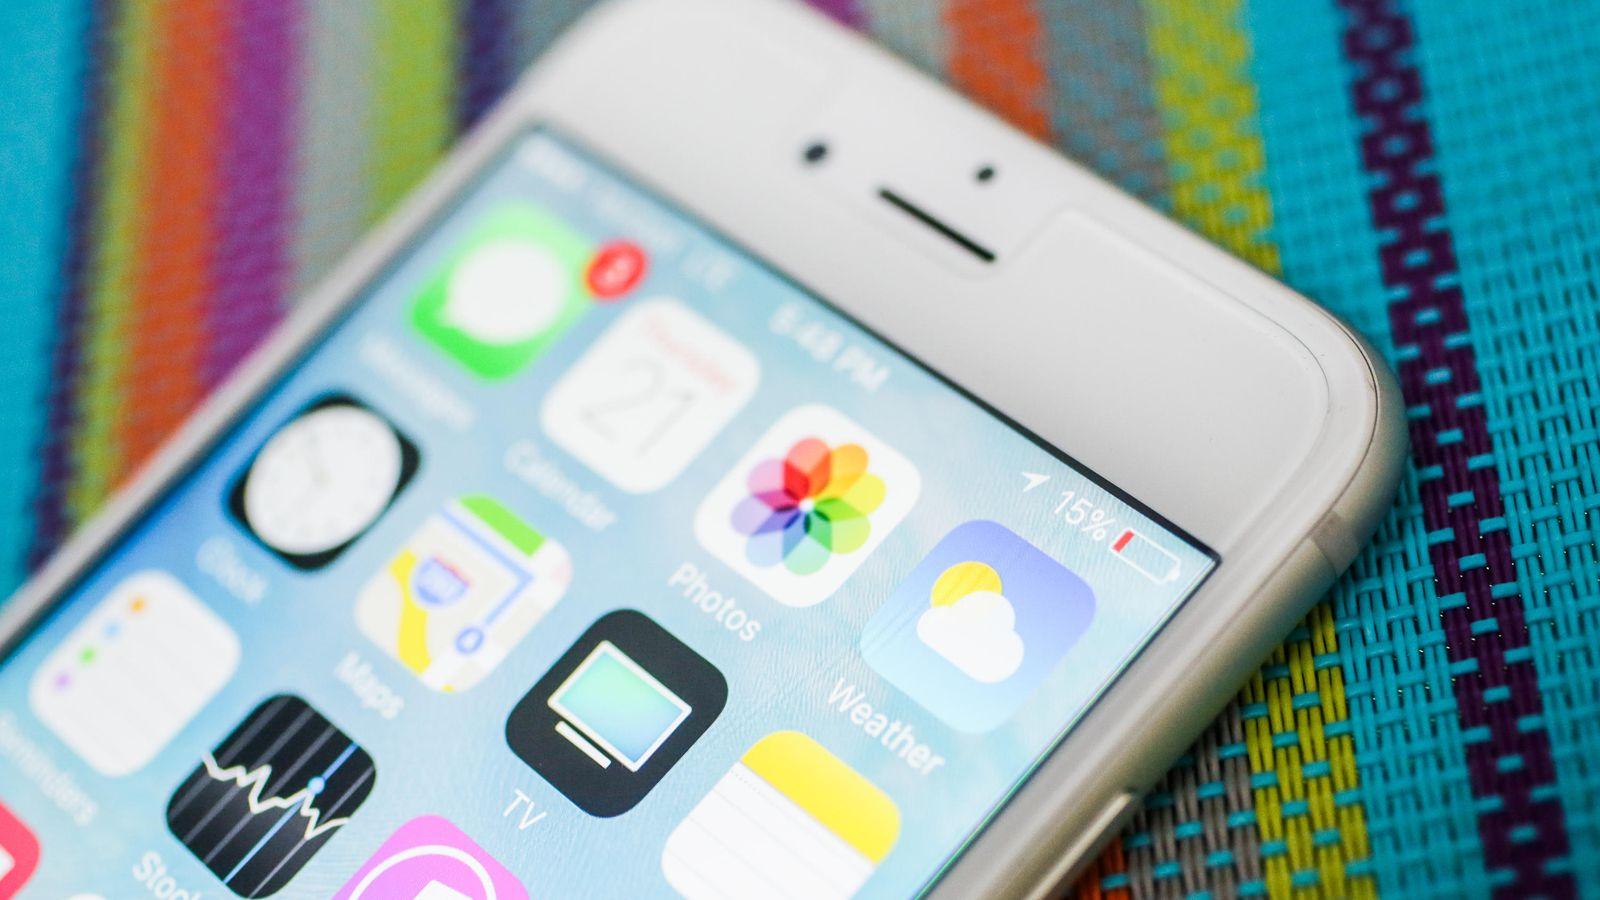 苹果就降速门致歉 也给出了相应的解决方案